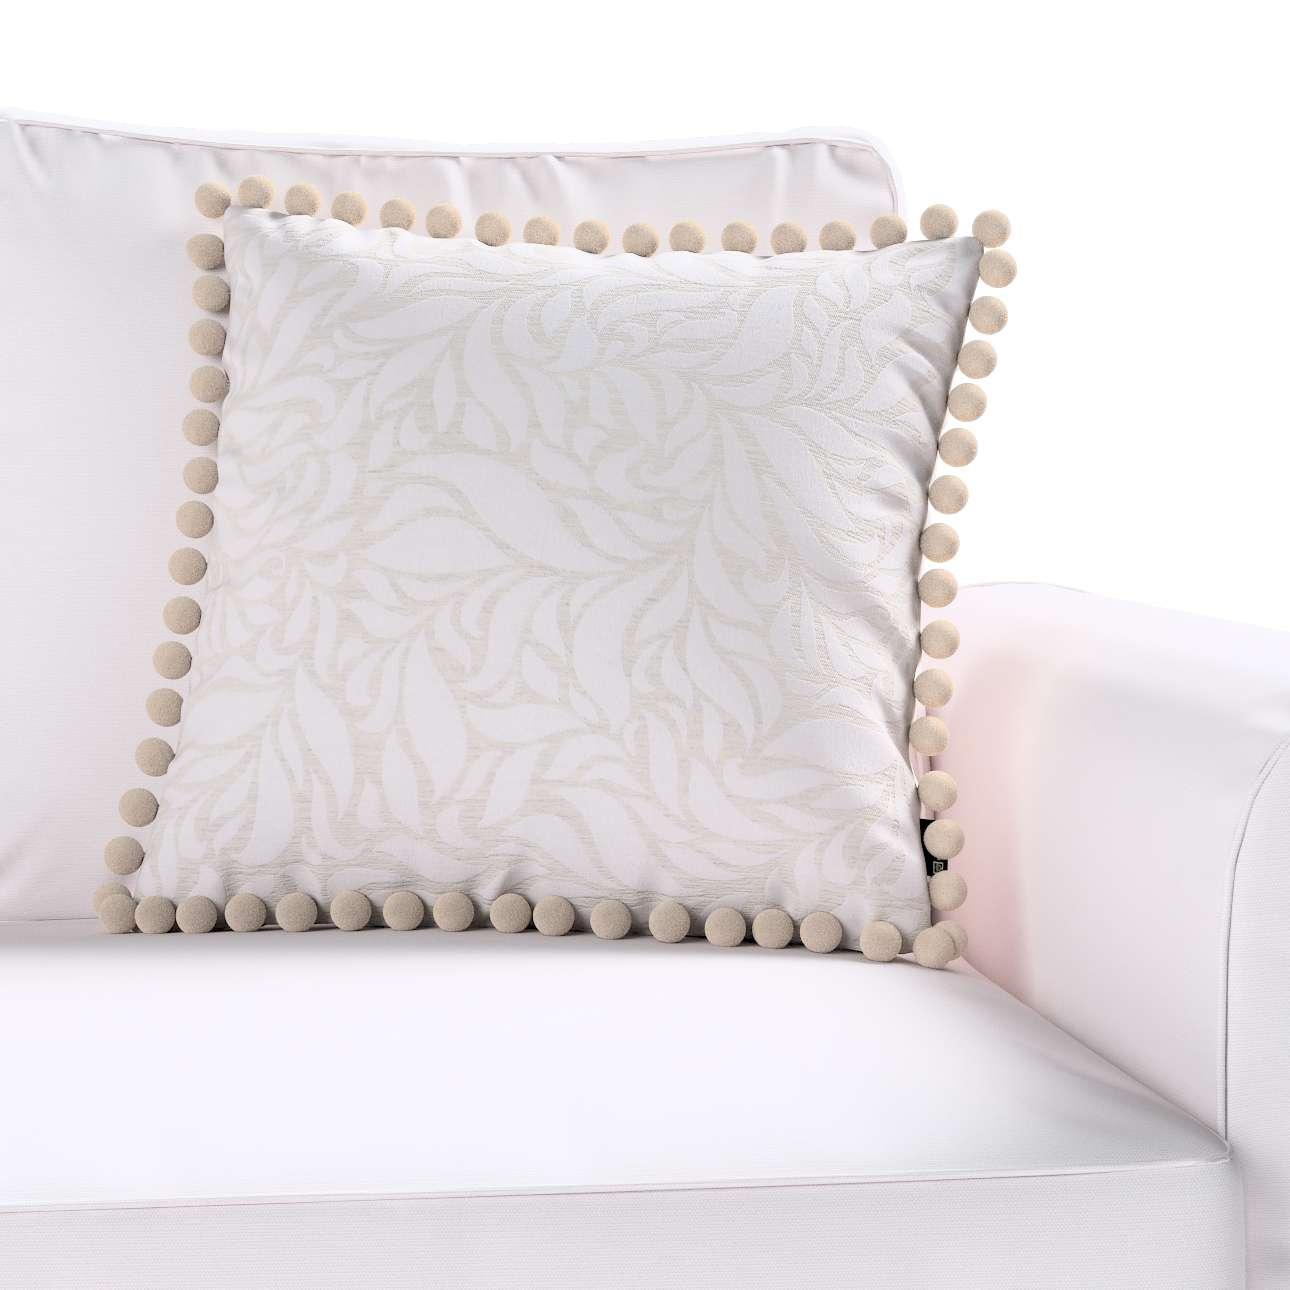 Poszewka Wera na poduszkę w kolekcji Venice, tkanina: 140-50